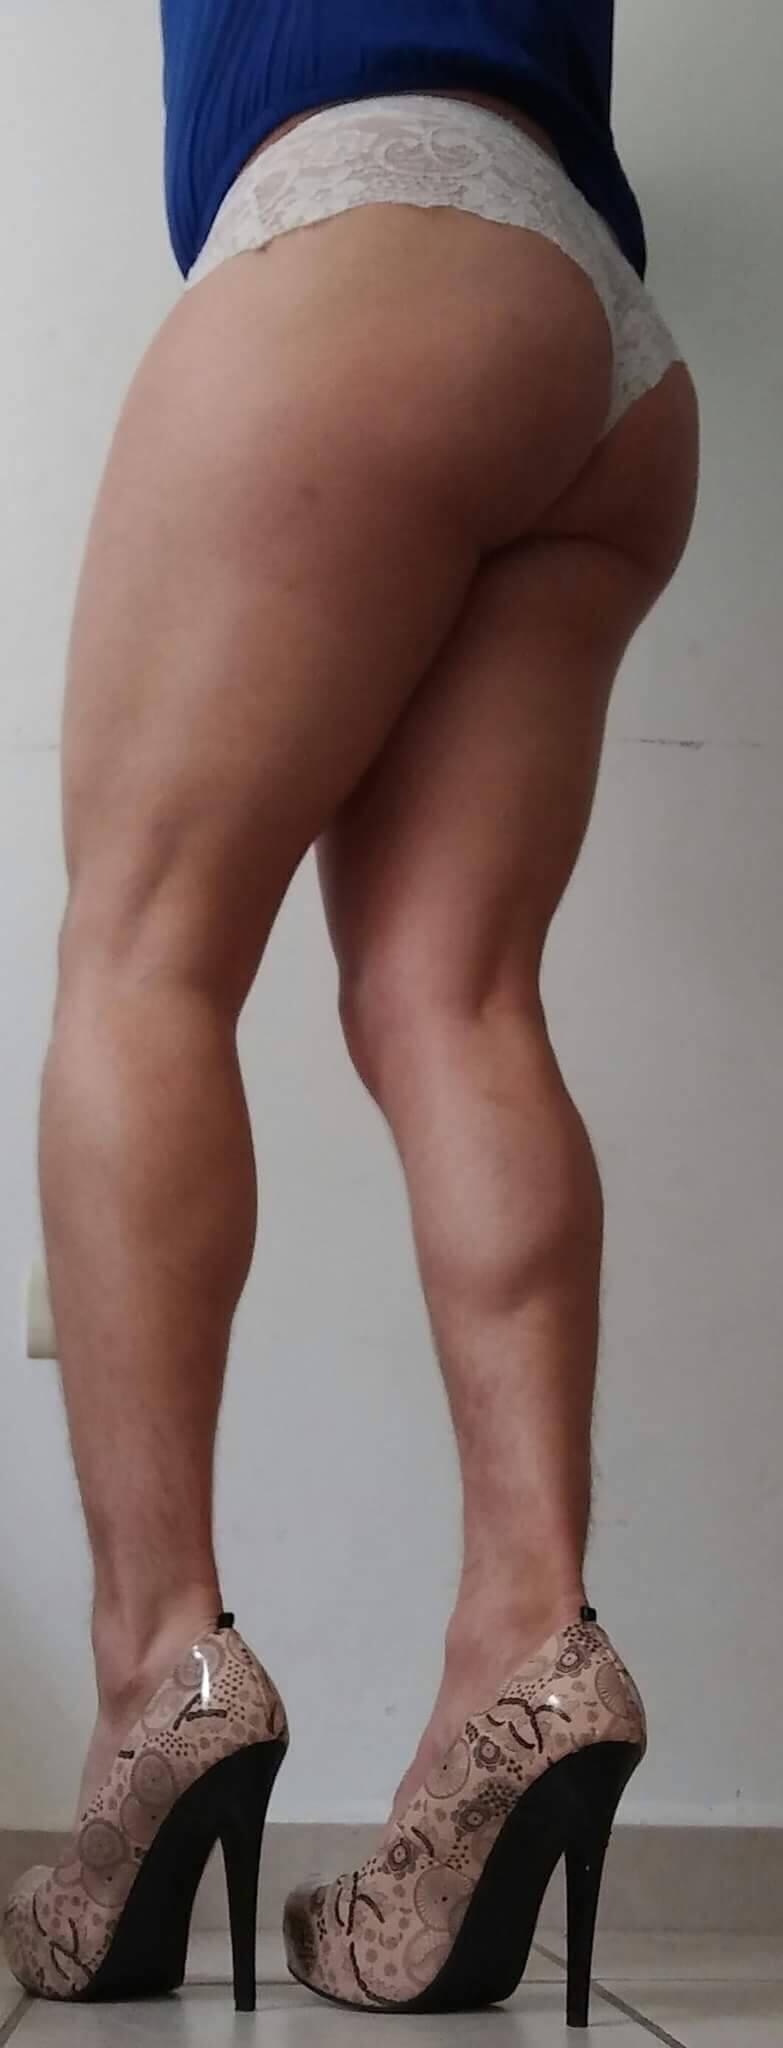 piernas sensuales travesti